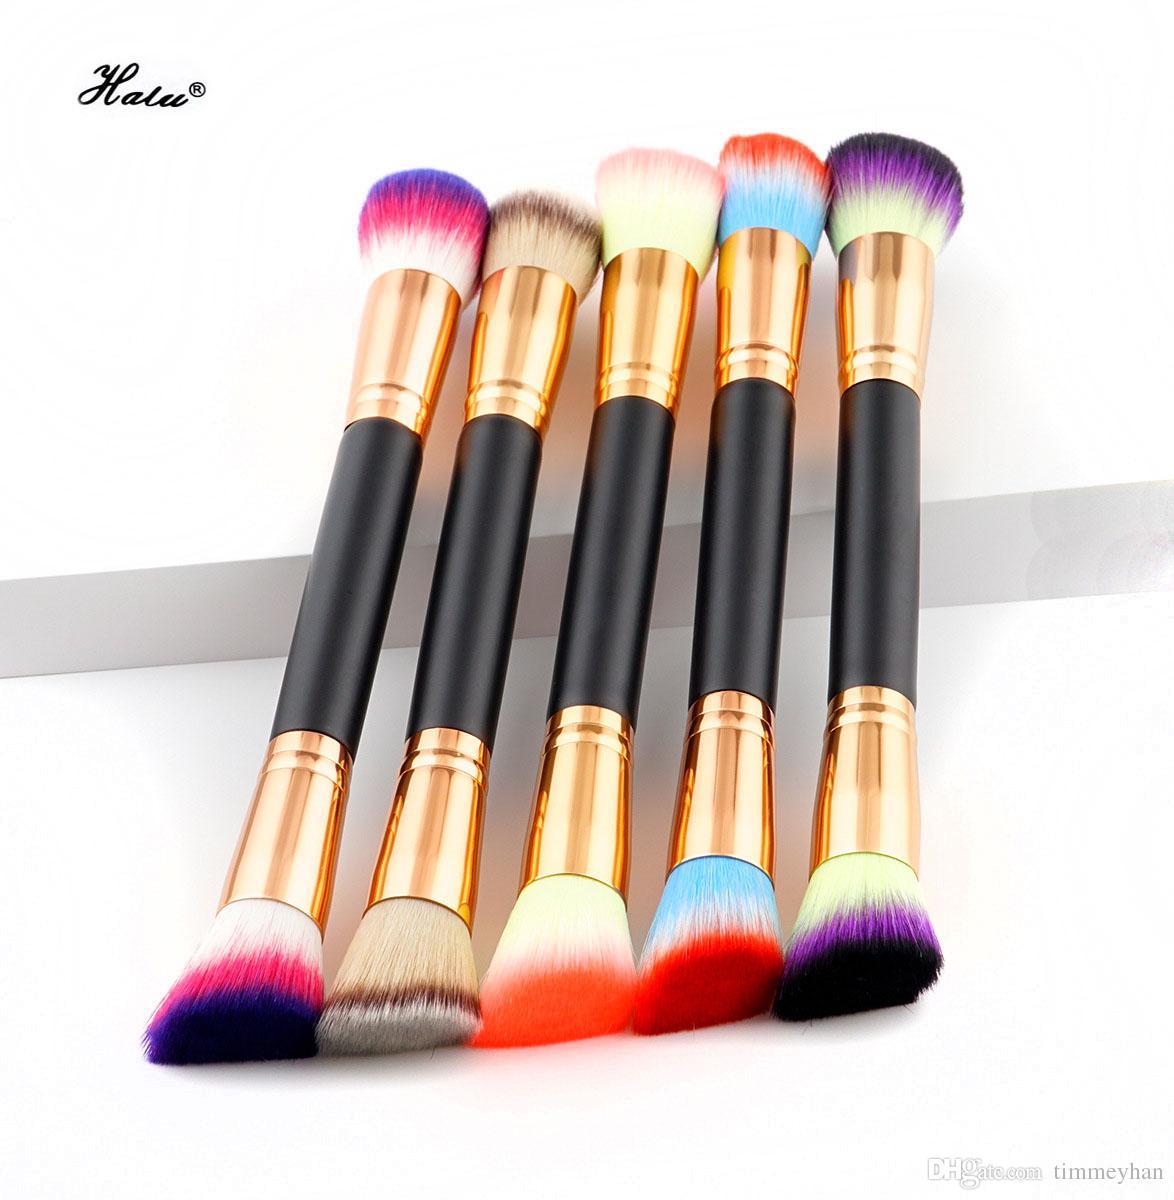 HaLu Professional Foundation Double Tête Brosse De Maquillage Ventilateur Mélange De Maquillage Poudre Blush Pinceau Double End Brosses De Maquillage